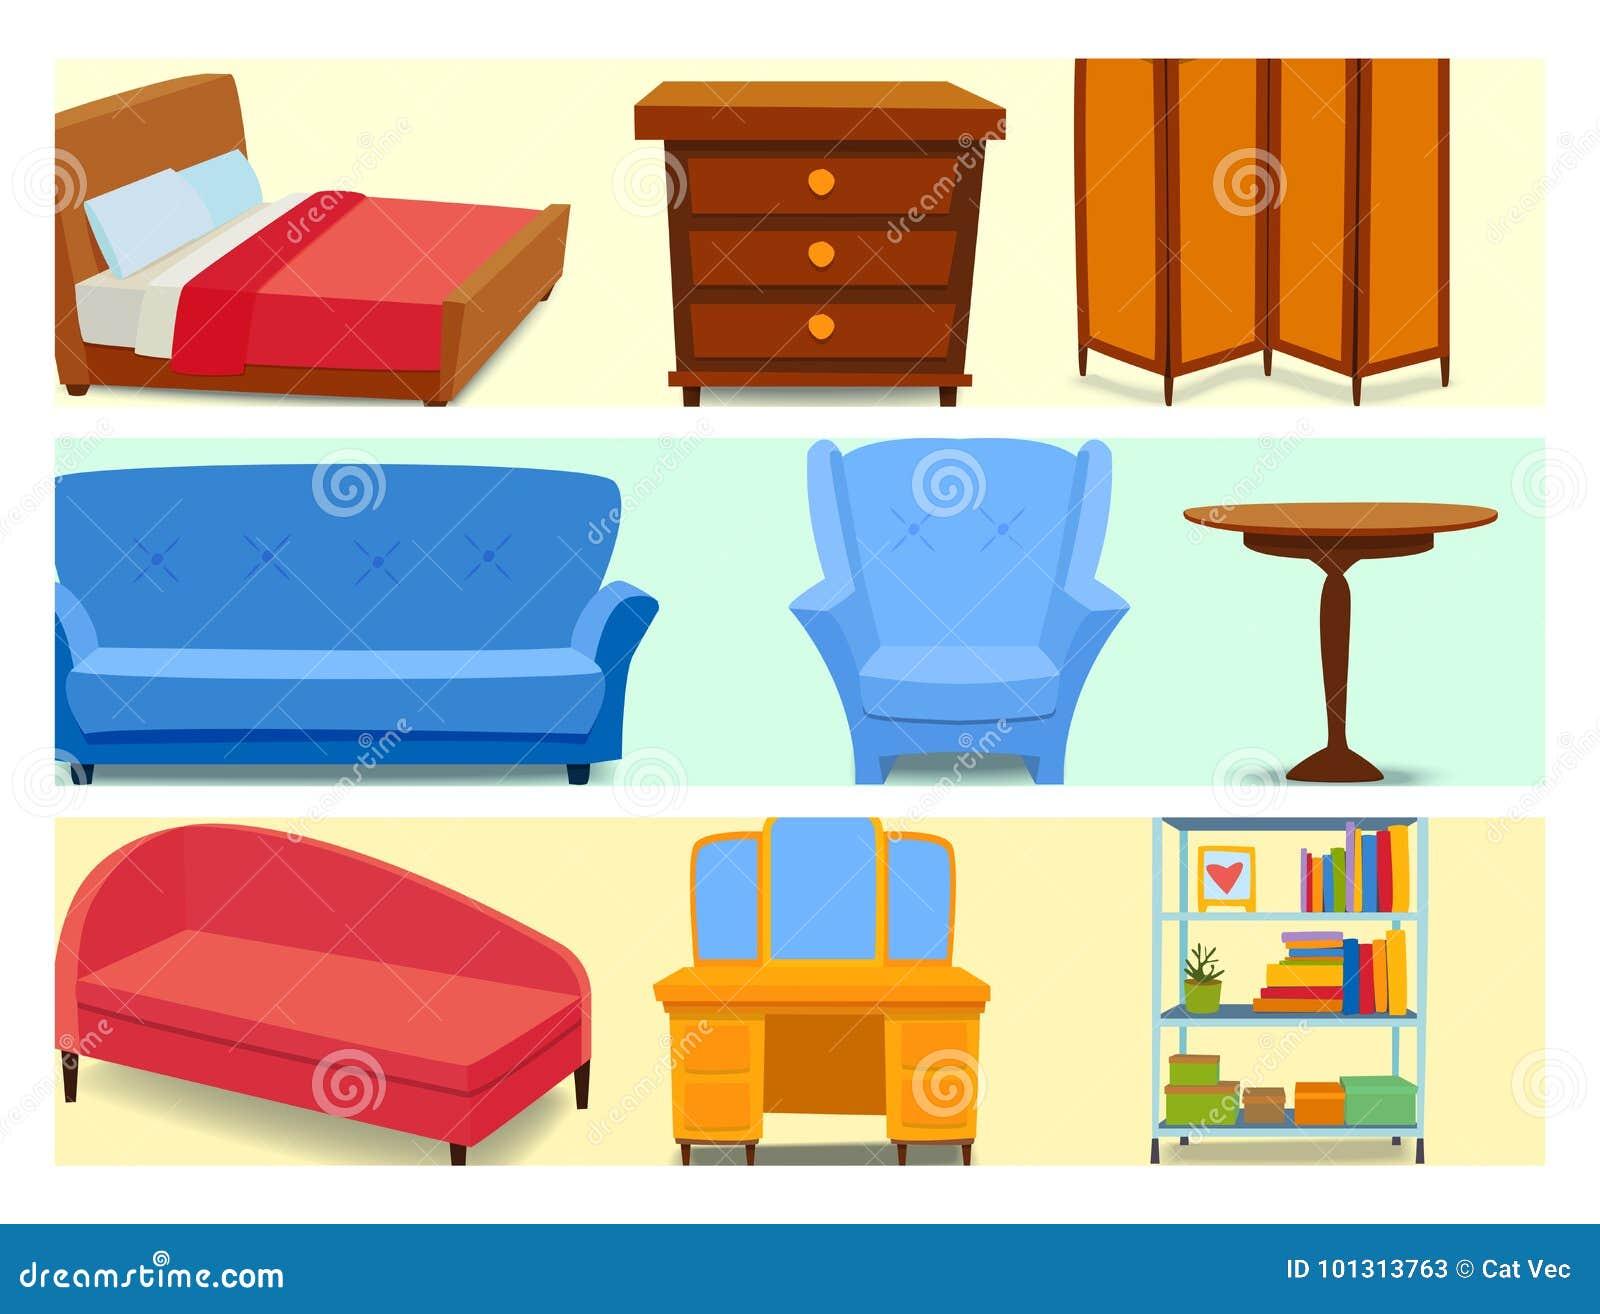 Meblarskie wewnętrzne ikony stwarzają ognisko domowe projekta pokoju domu nowożytnej żywej kanapy mieszkania leżanki wektoru wygo